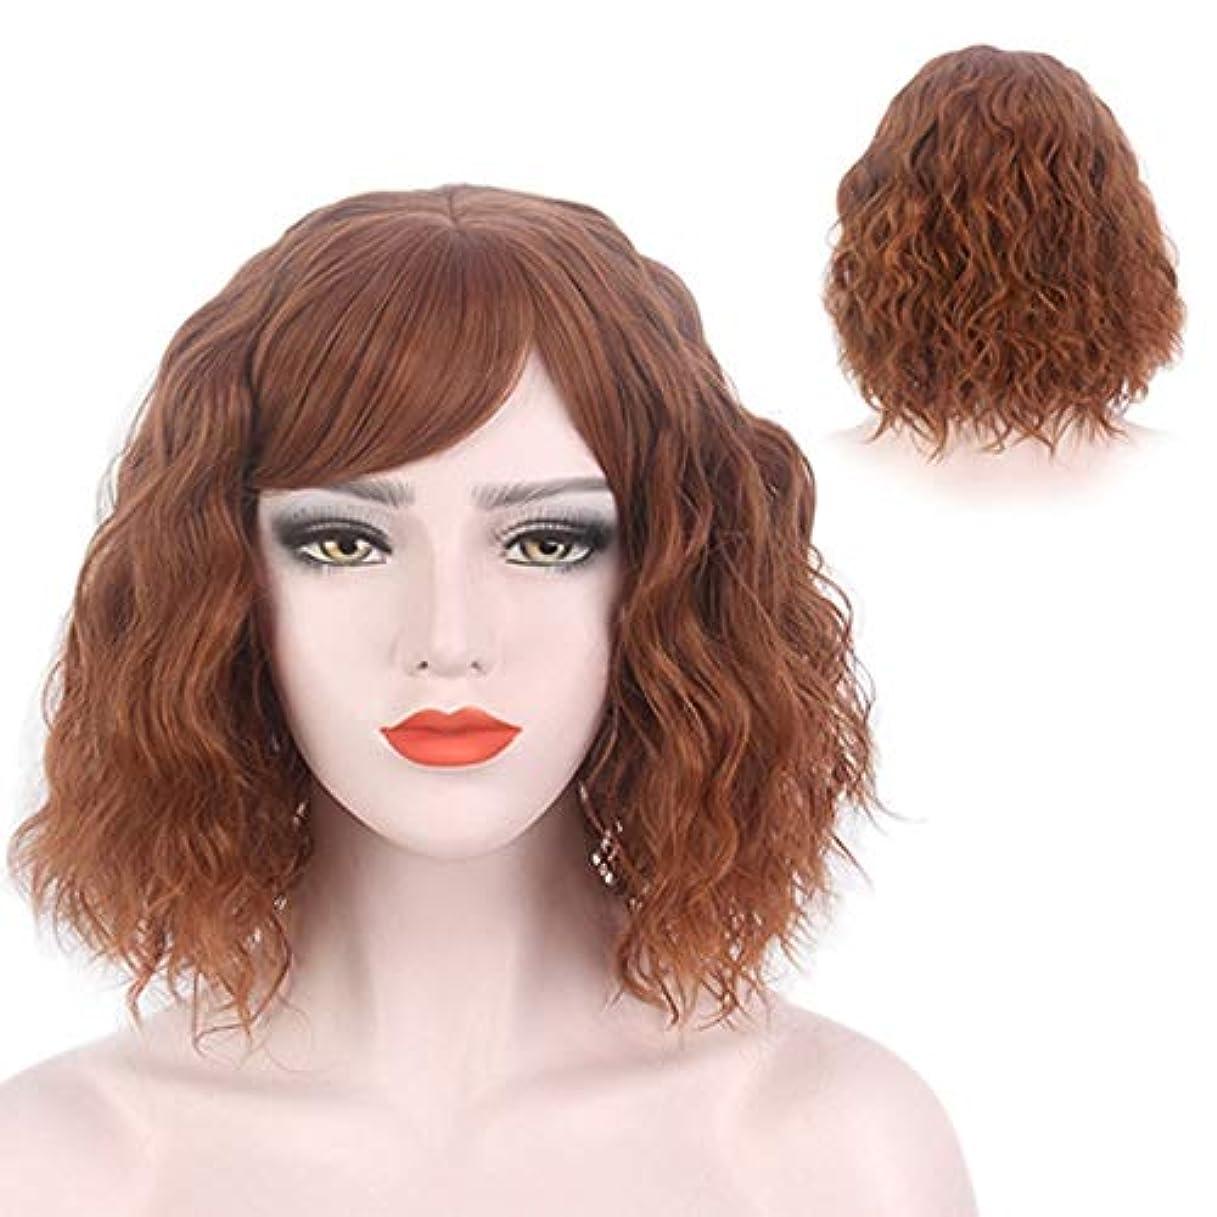 忙しいあえぎハッピーYOUQIU 女性のブラウンボブウィッグ自然な耐熱合成ファッションかつらウィッグ用ショートカーリーウィッグ (色 : ブラウン)